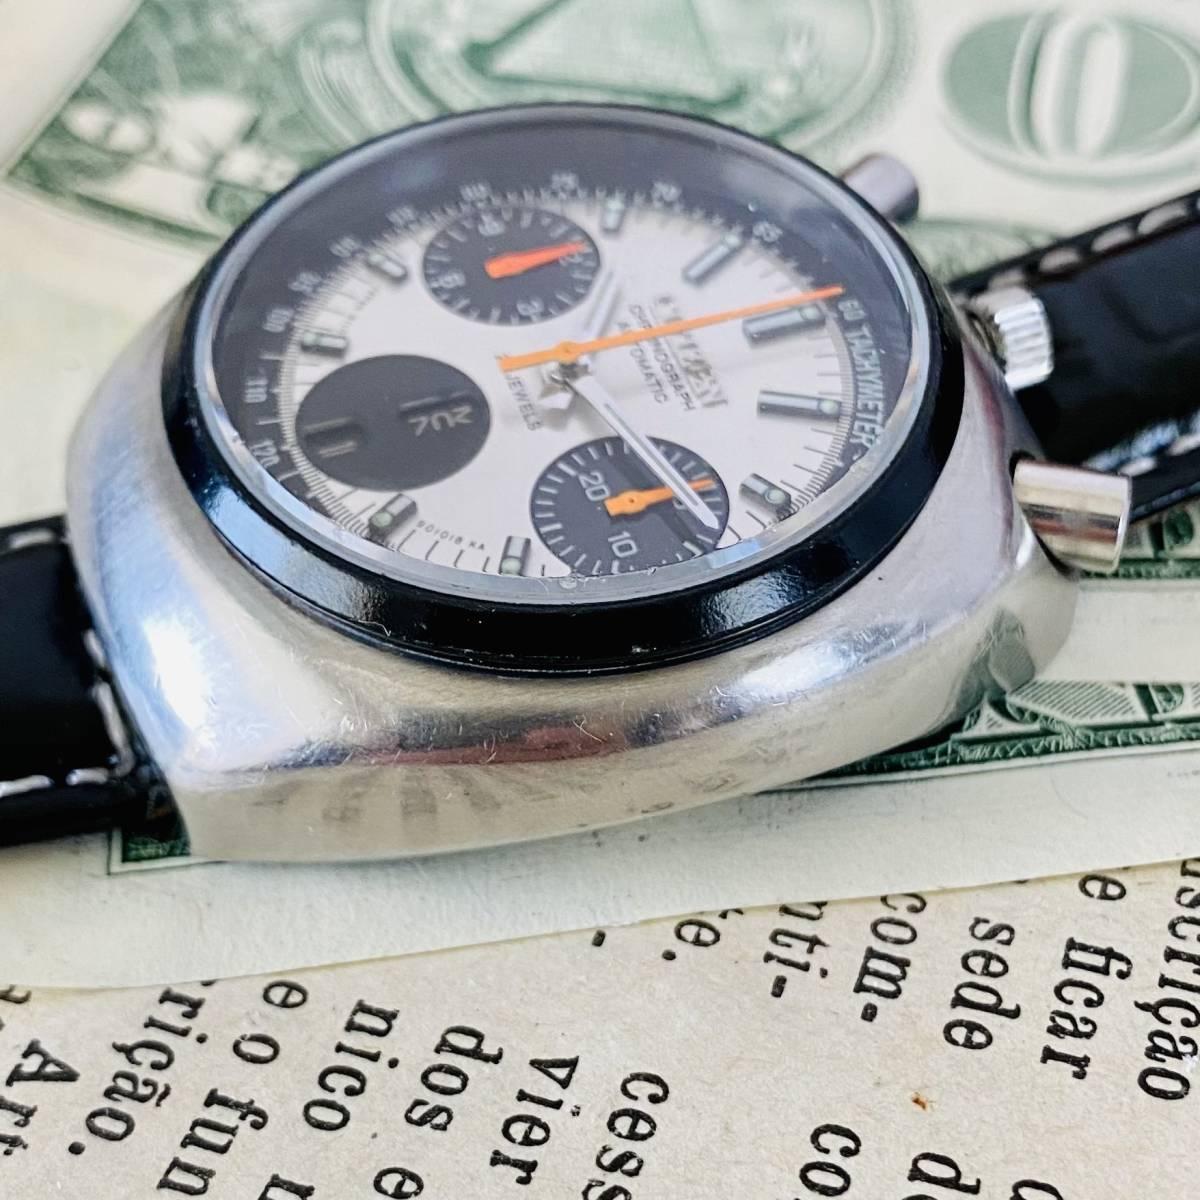 【高級腕時計 シチズン】CITIZEN 8110A クロノグラフ 自動巻 1979年 デイデイト ツノ メンズ レディース アナログ パンダ チャレンジ_画像4